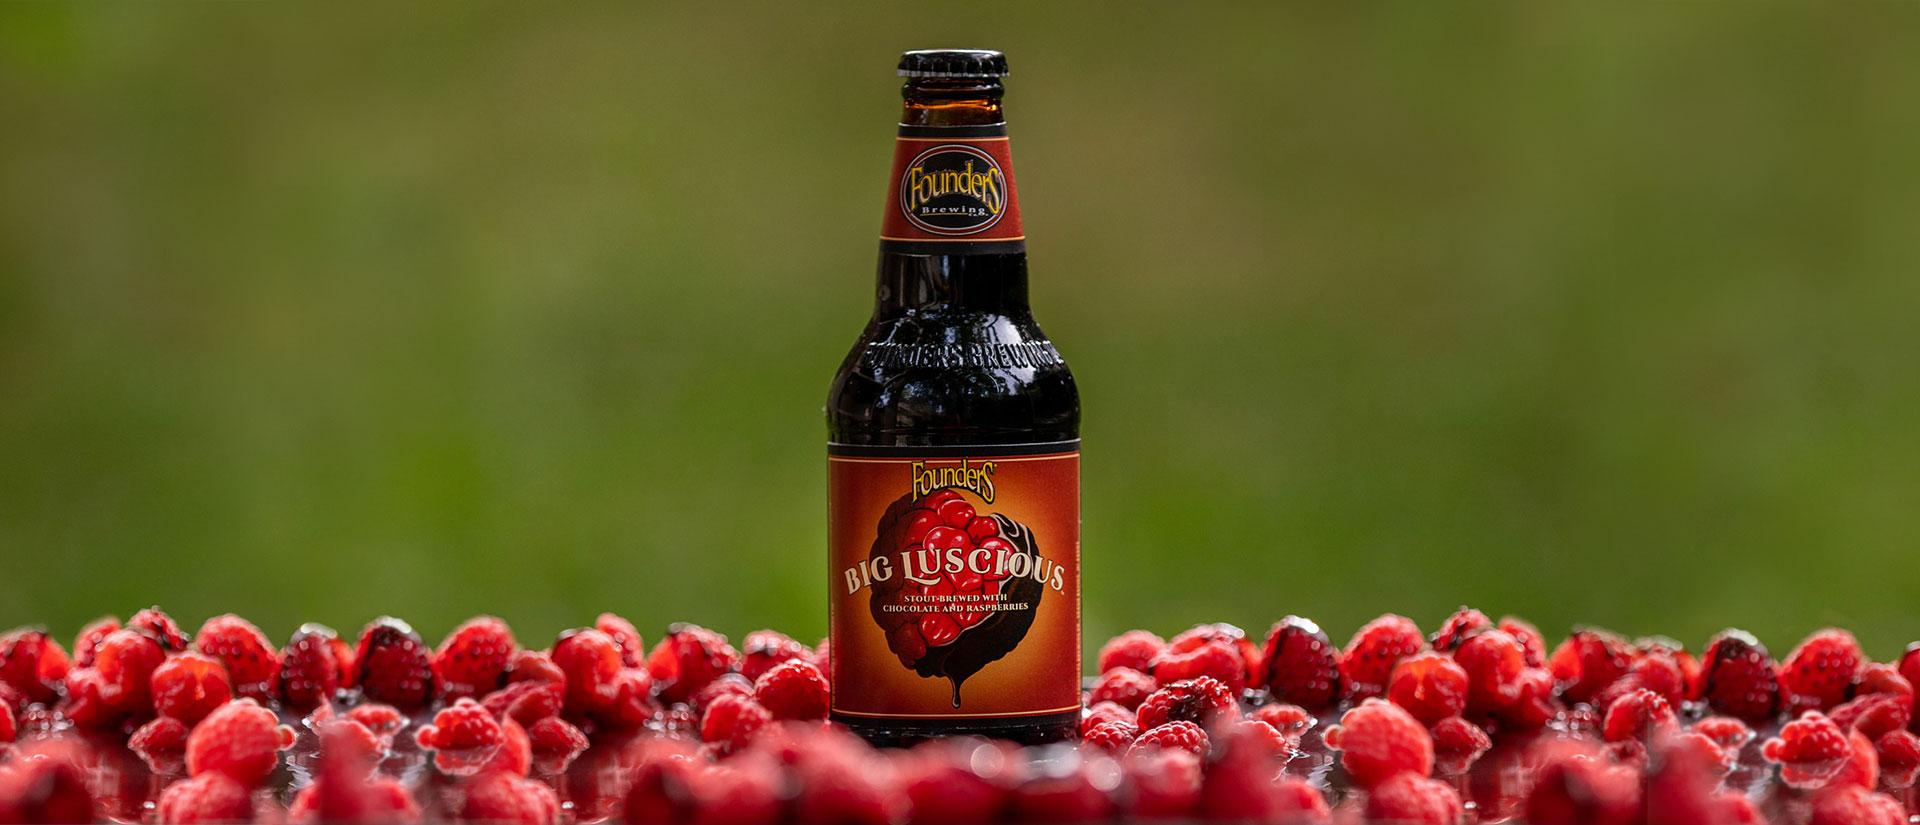 big luscious bottle in raspberries